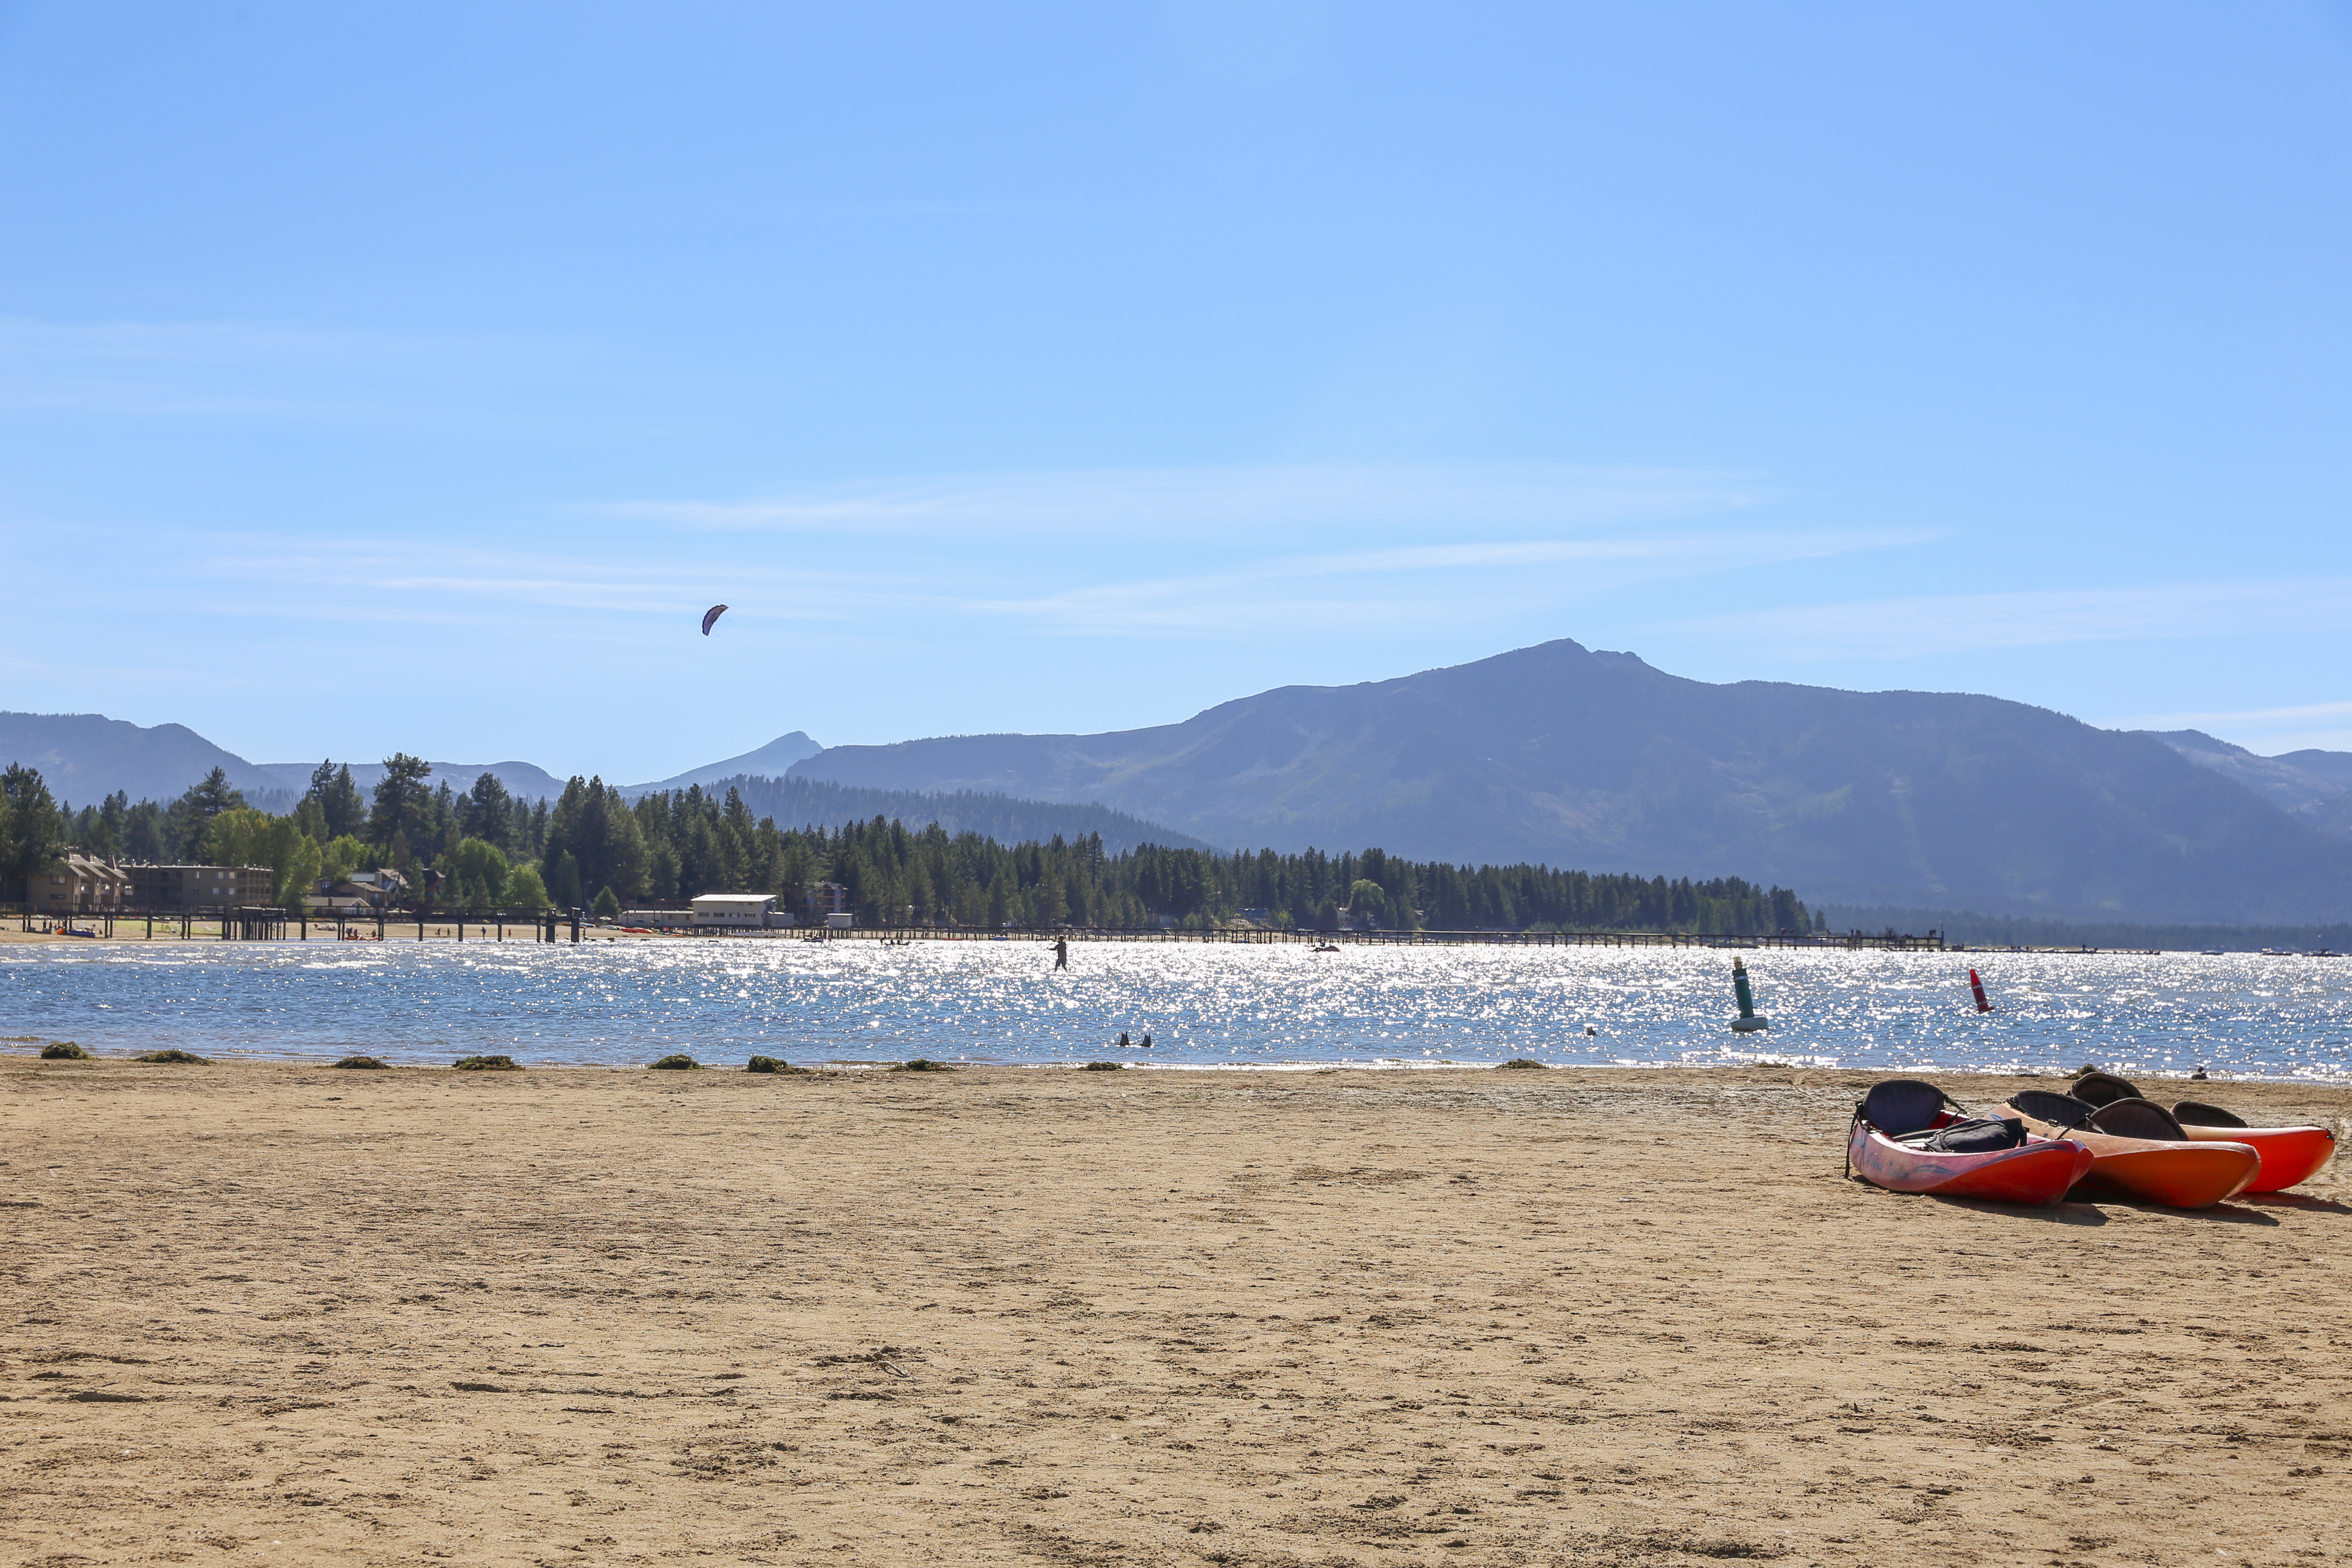 Visit to Lake Tahoe in Summer